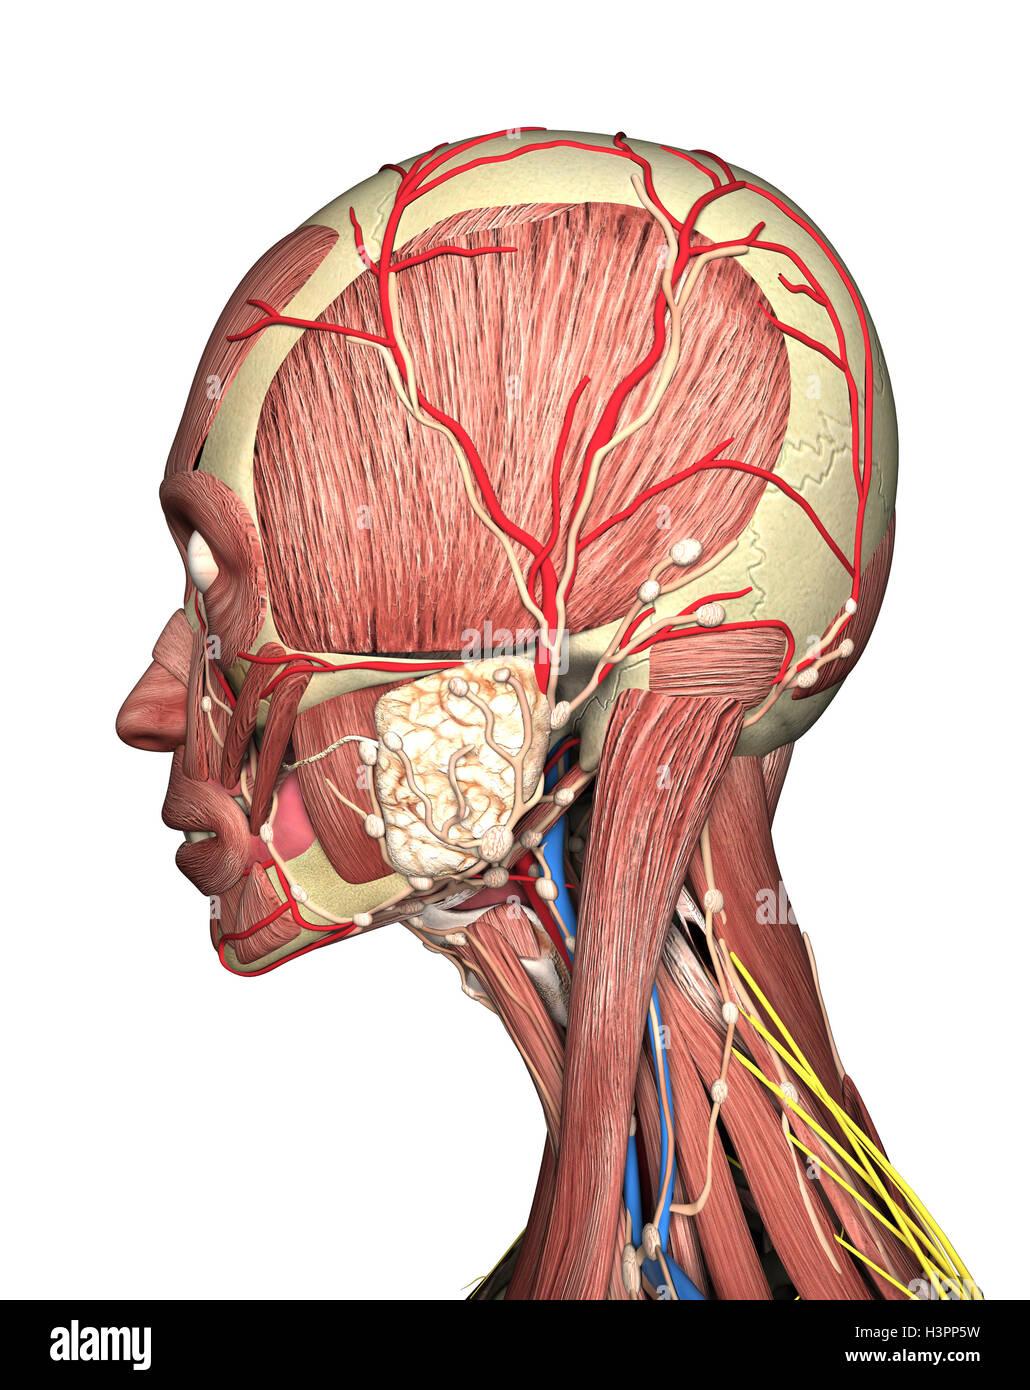 Anatomie des Kopfes Seitenansicht. 3D-Rendering Stockfoto, Bild ...